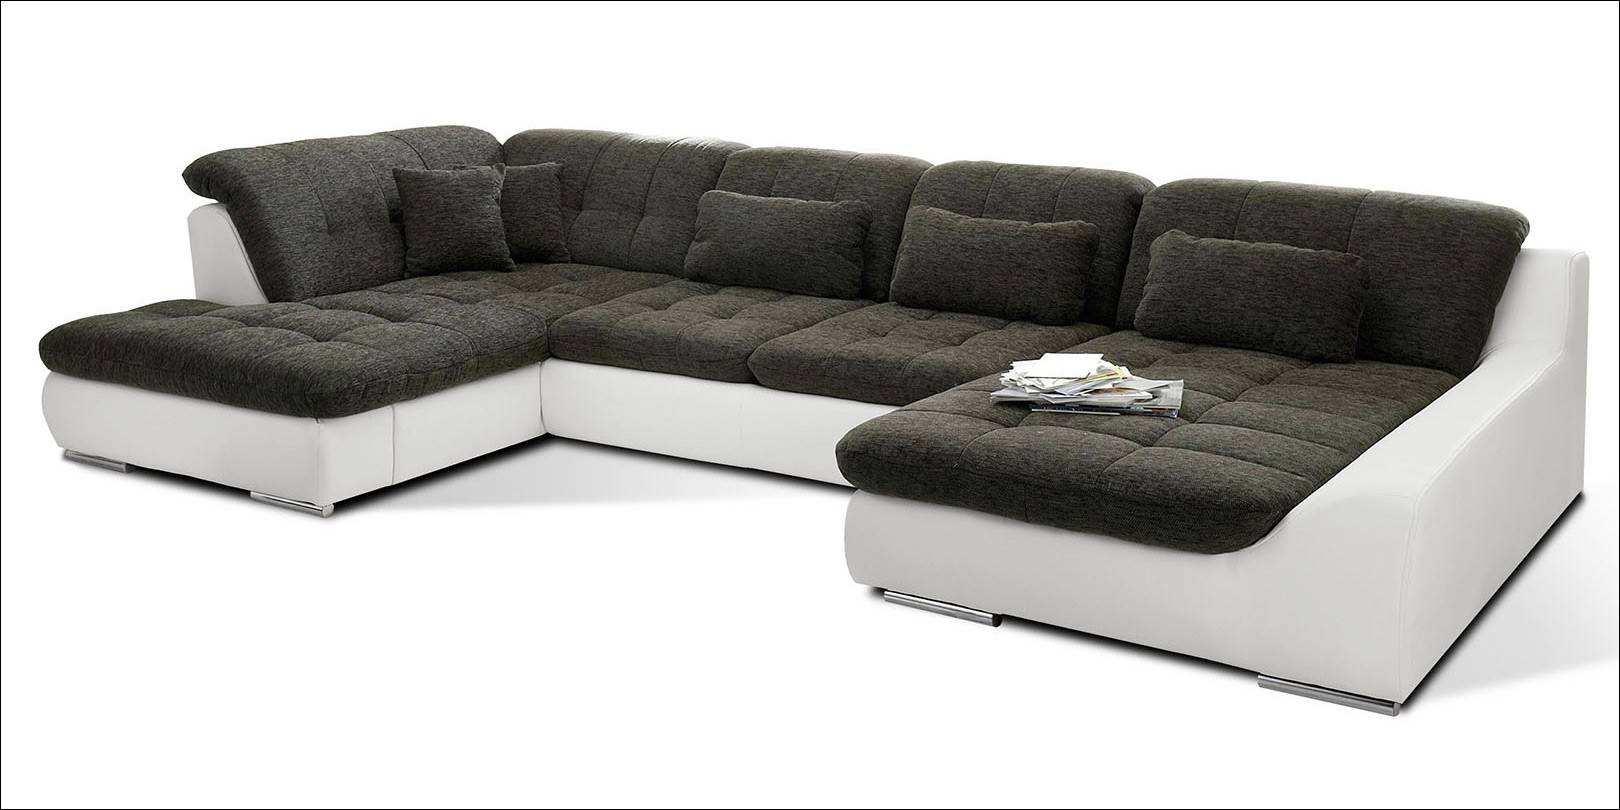 gartenmobel xxl lutz beautiful nett xxl lutz sofa awesome big oder wohnlandschaft of gartenmobel xxl lutz